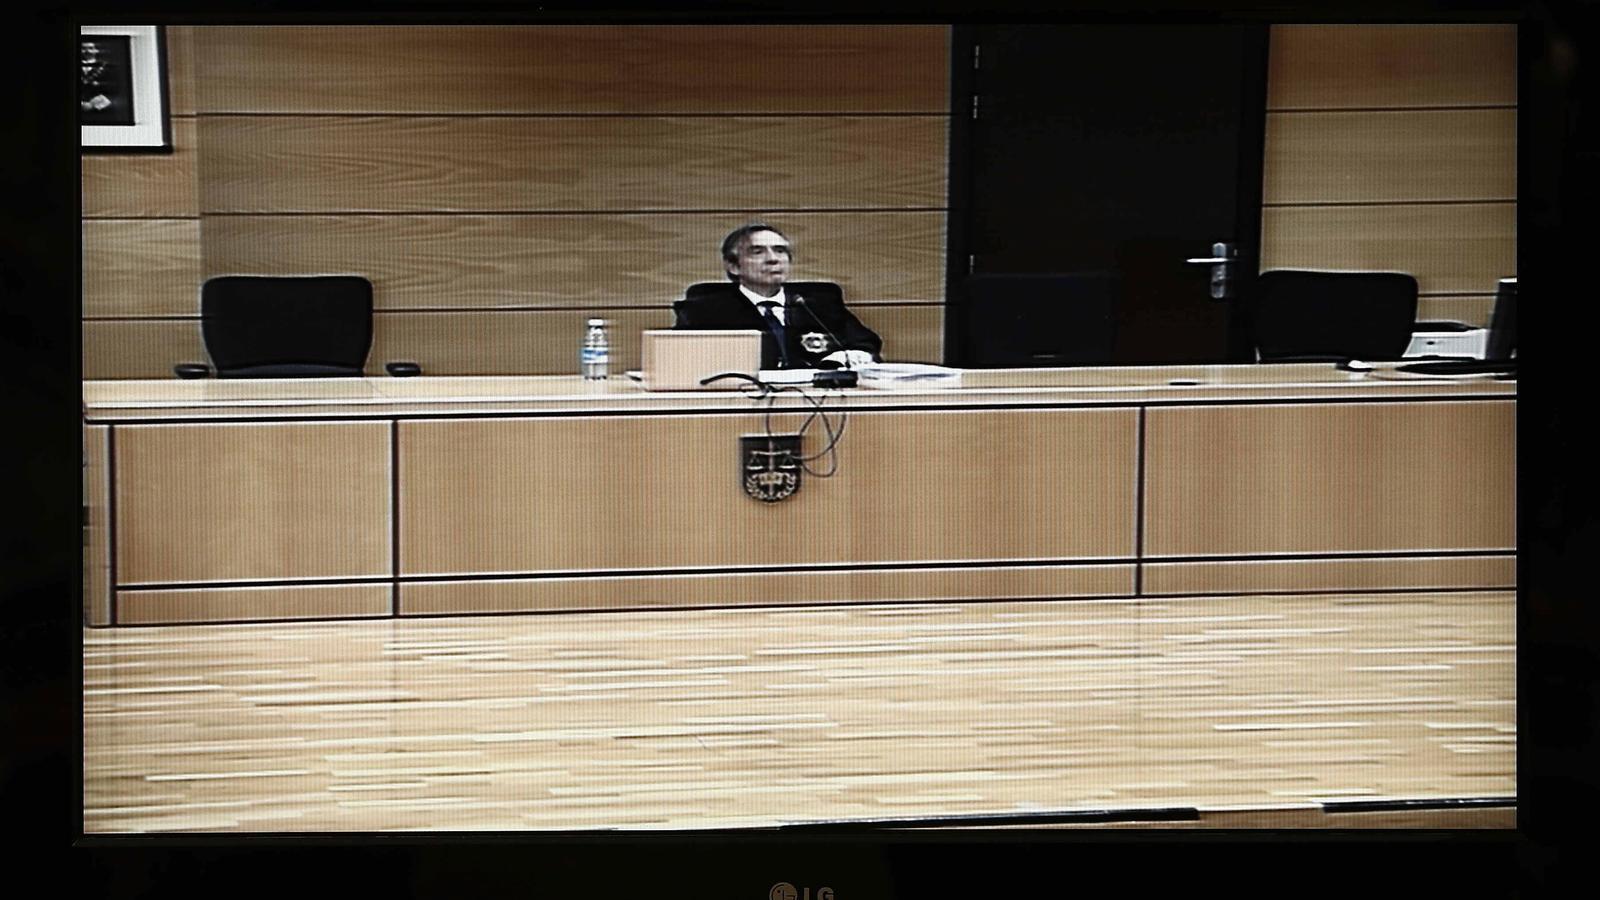 Un dels magistrats, partidari de condemnar 'la manada' només per haver robat el mòbil a la víctima